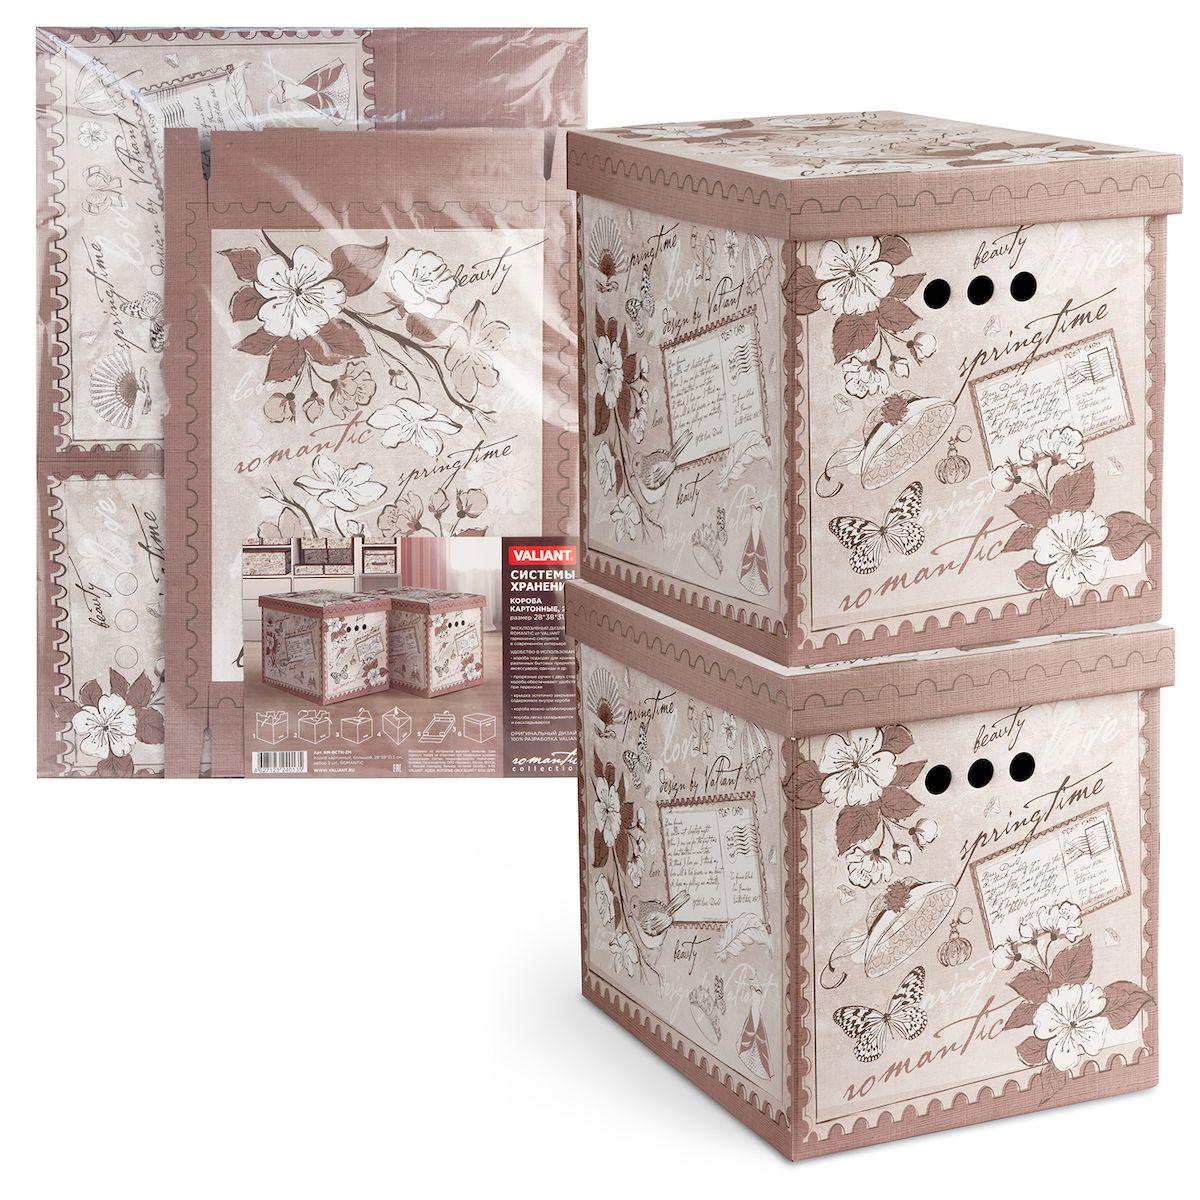 Короб для хранения Valiant Romantic, складной, 28 х 38 х 31,5 см, 2 штRM-BCTN-2MКороб для хранения Valiant Romantic изготовлен из картона. Изделие легко и быстро складывается. Оснащен крышкой и тремя отверстиями, которые позволяют удобно его выдвигать. Такой короб прекрасно подойдет для хранения бытовых мелочей, аксессуаров для рукоделия и других мелких предметов. С ним все мелкие вещи будут храниться аккуратно и не потеряются. Размер изделия (в собранном виде): 28 х 38 х 31,5 см.